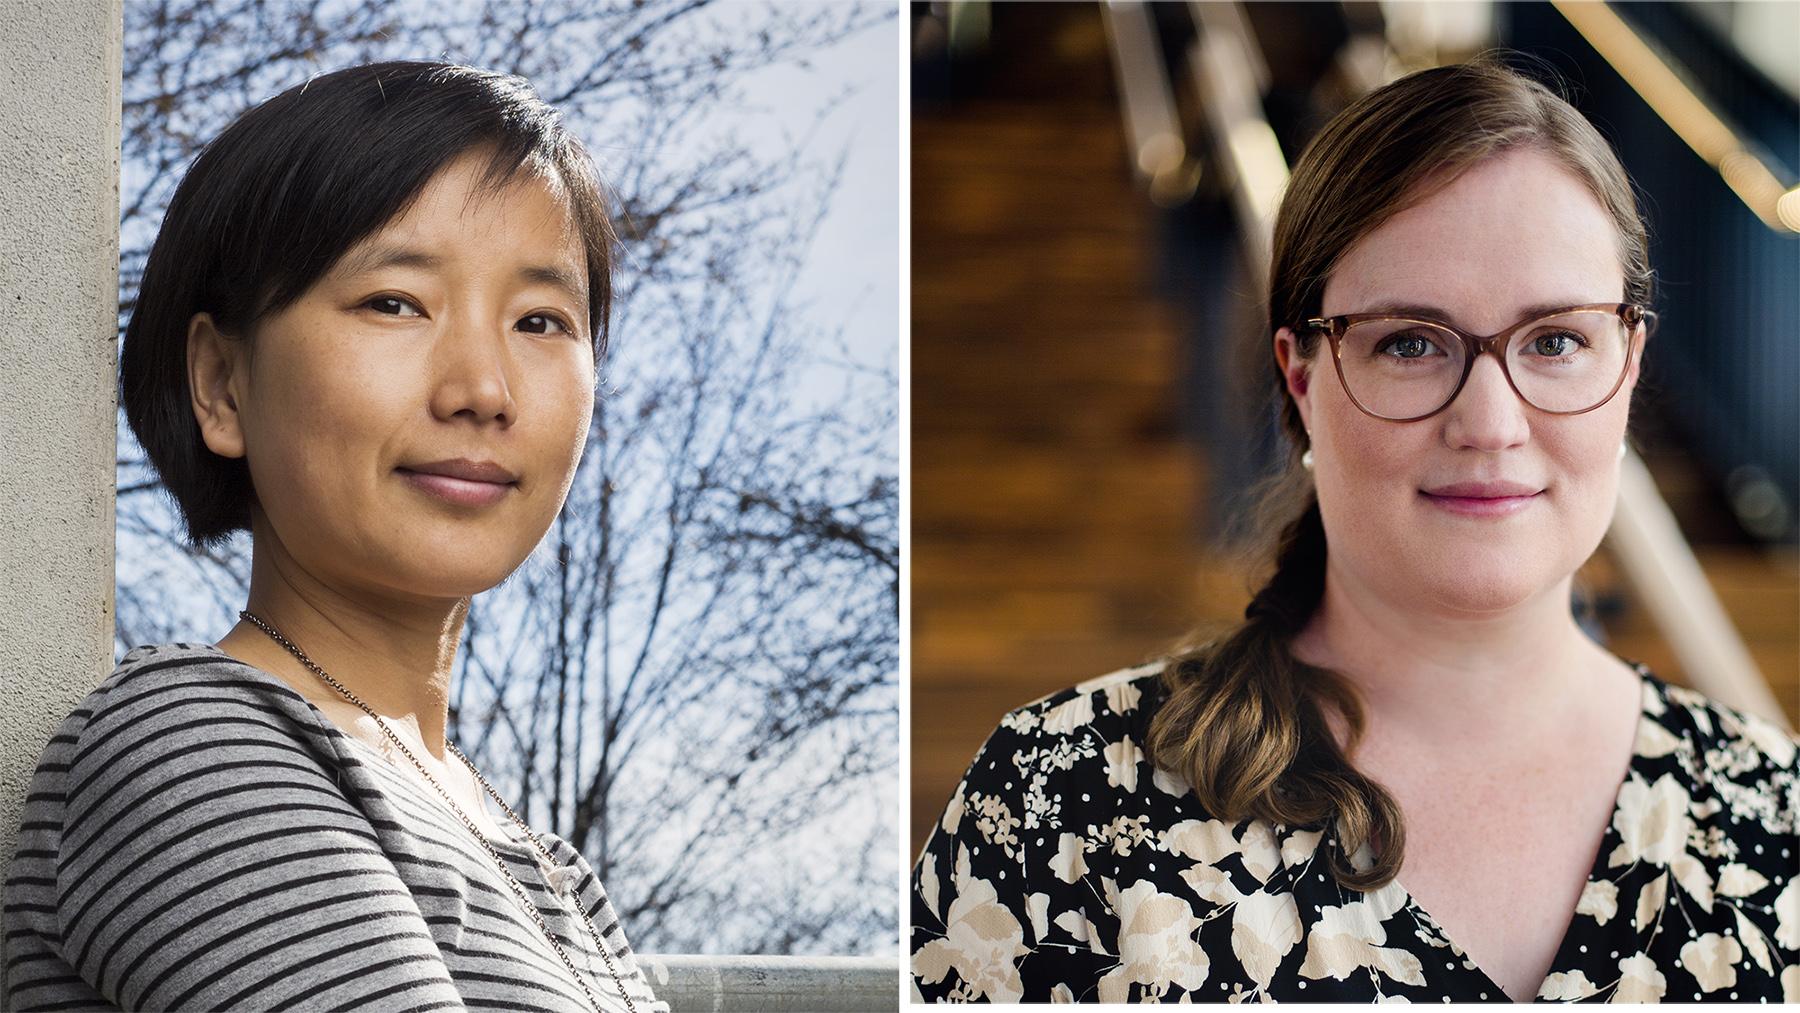 Porträtt av två kvinnor.